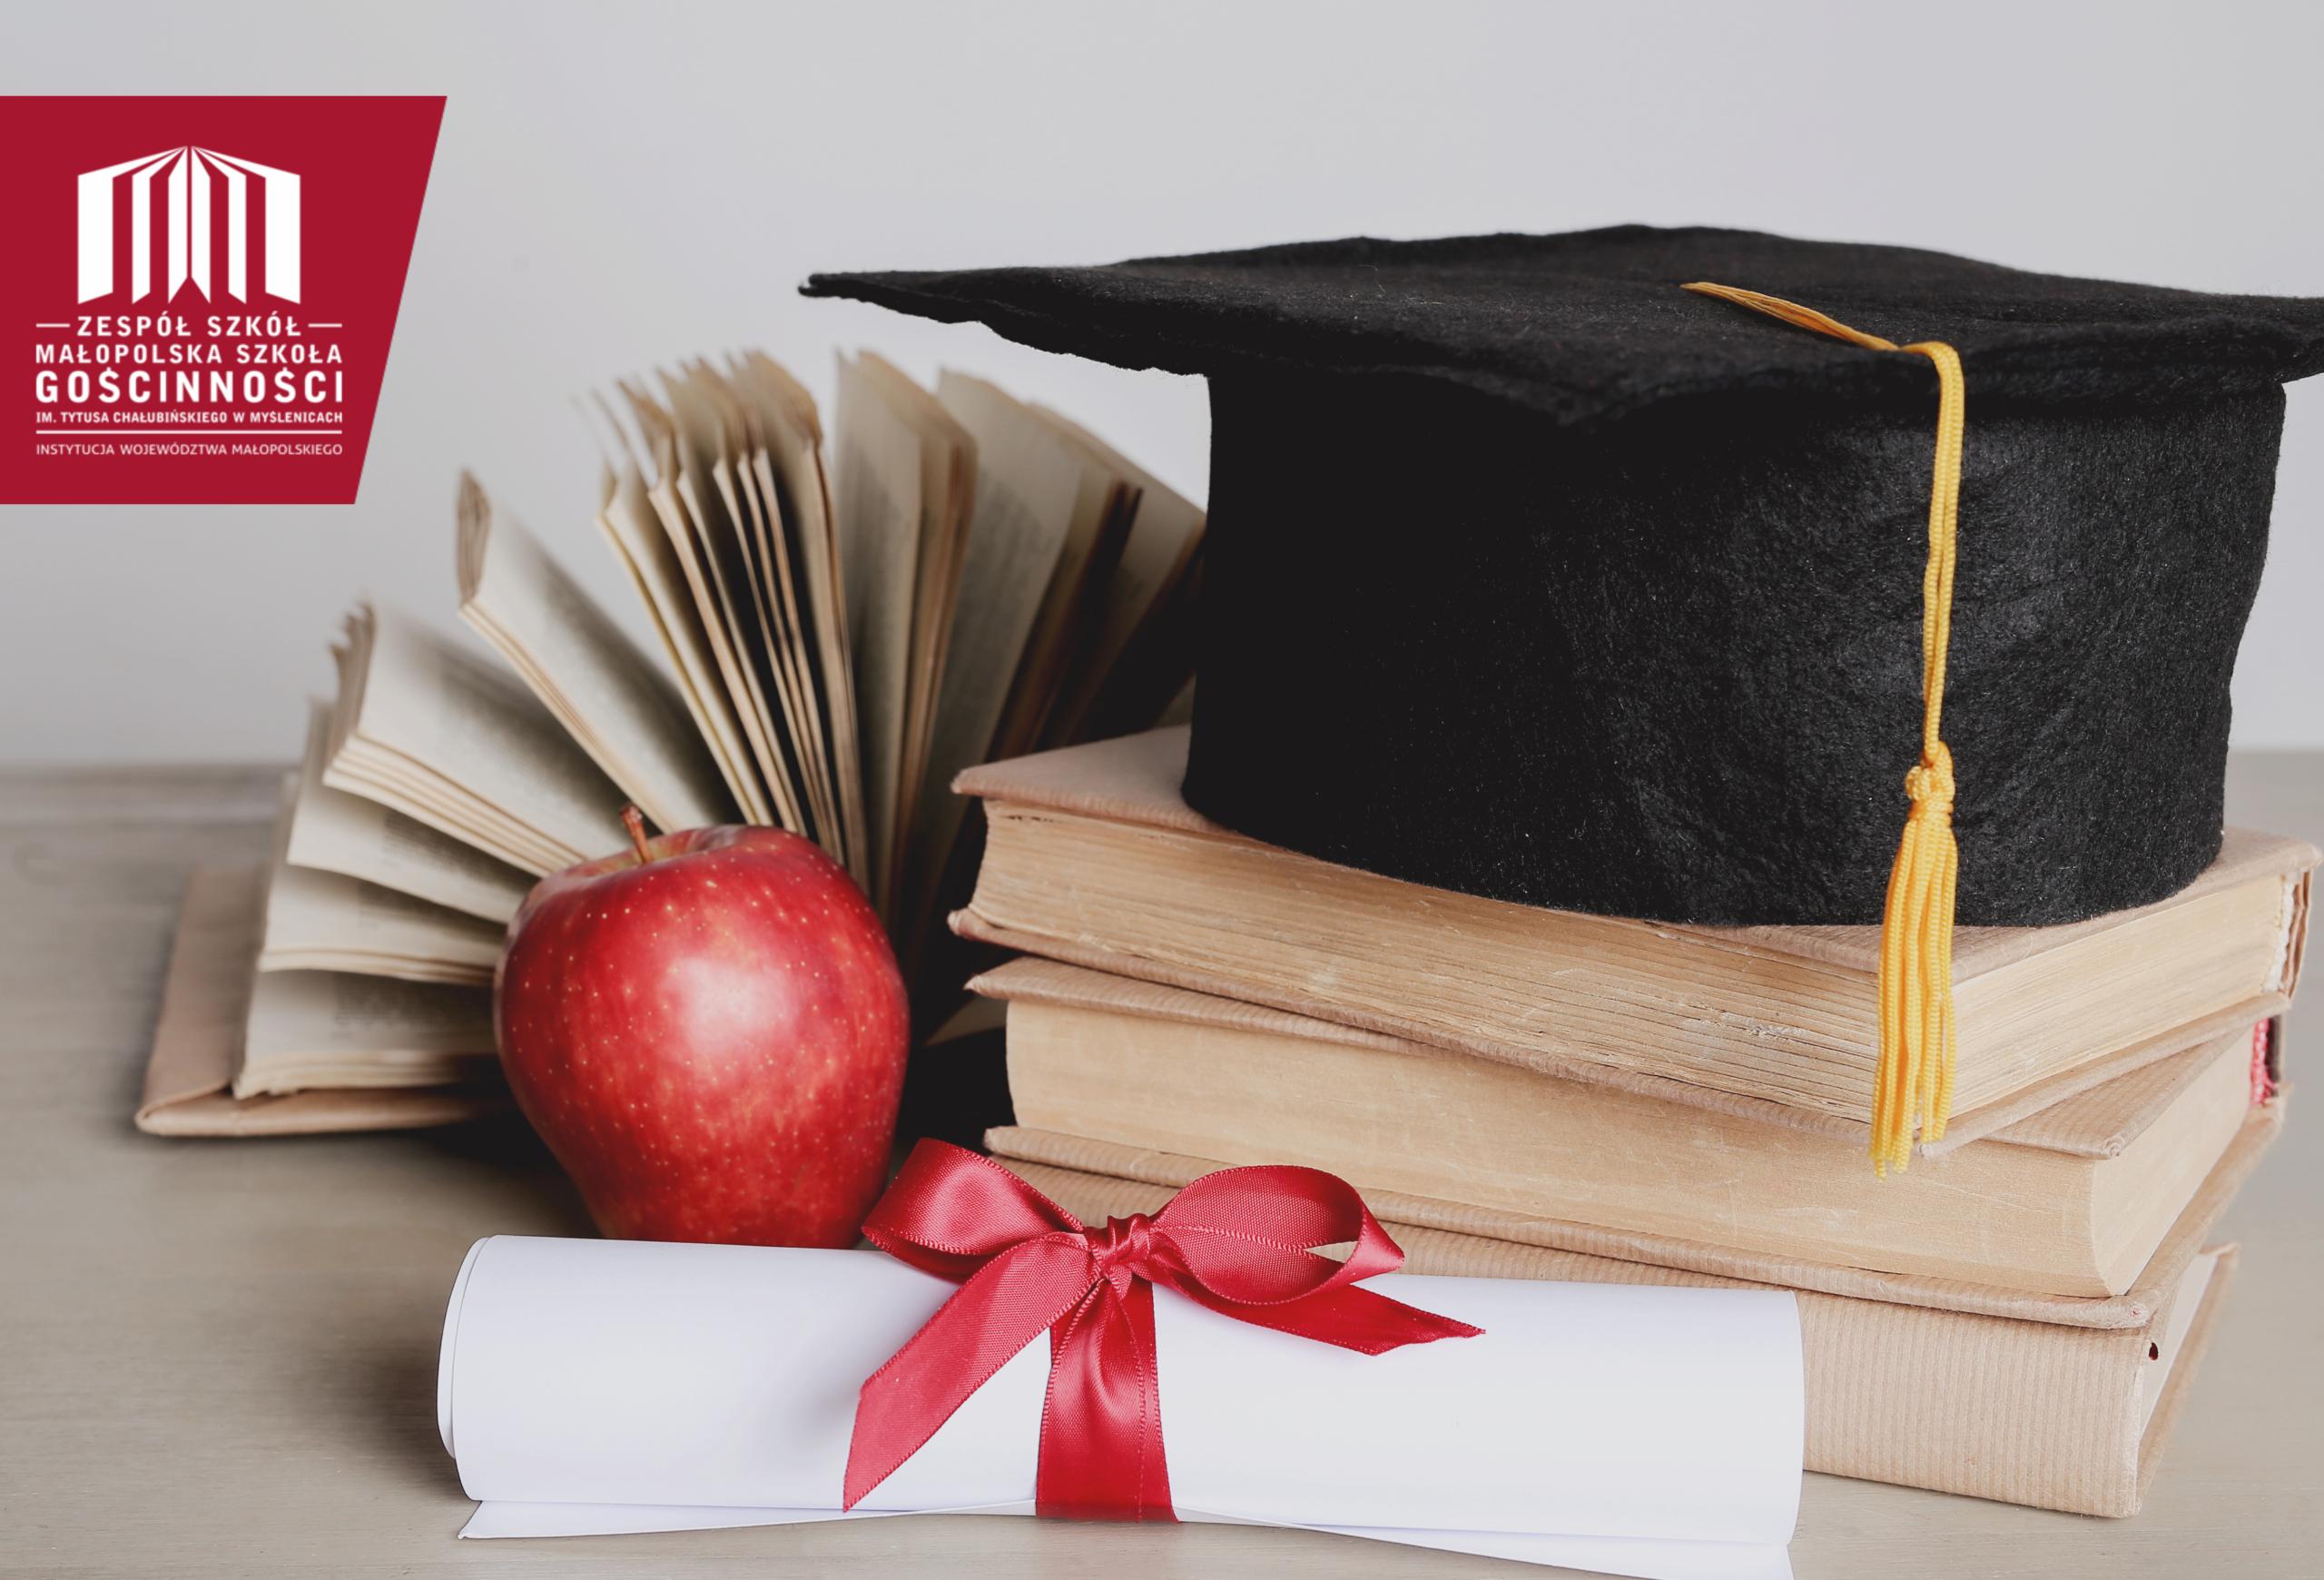 czapka rogatka absolwenta zwój książek